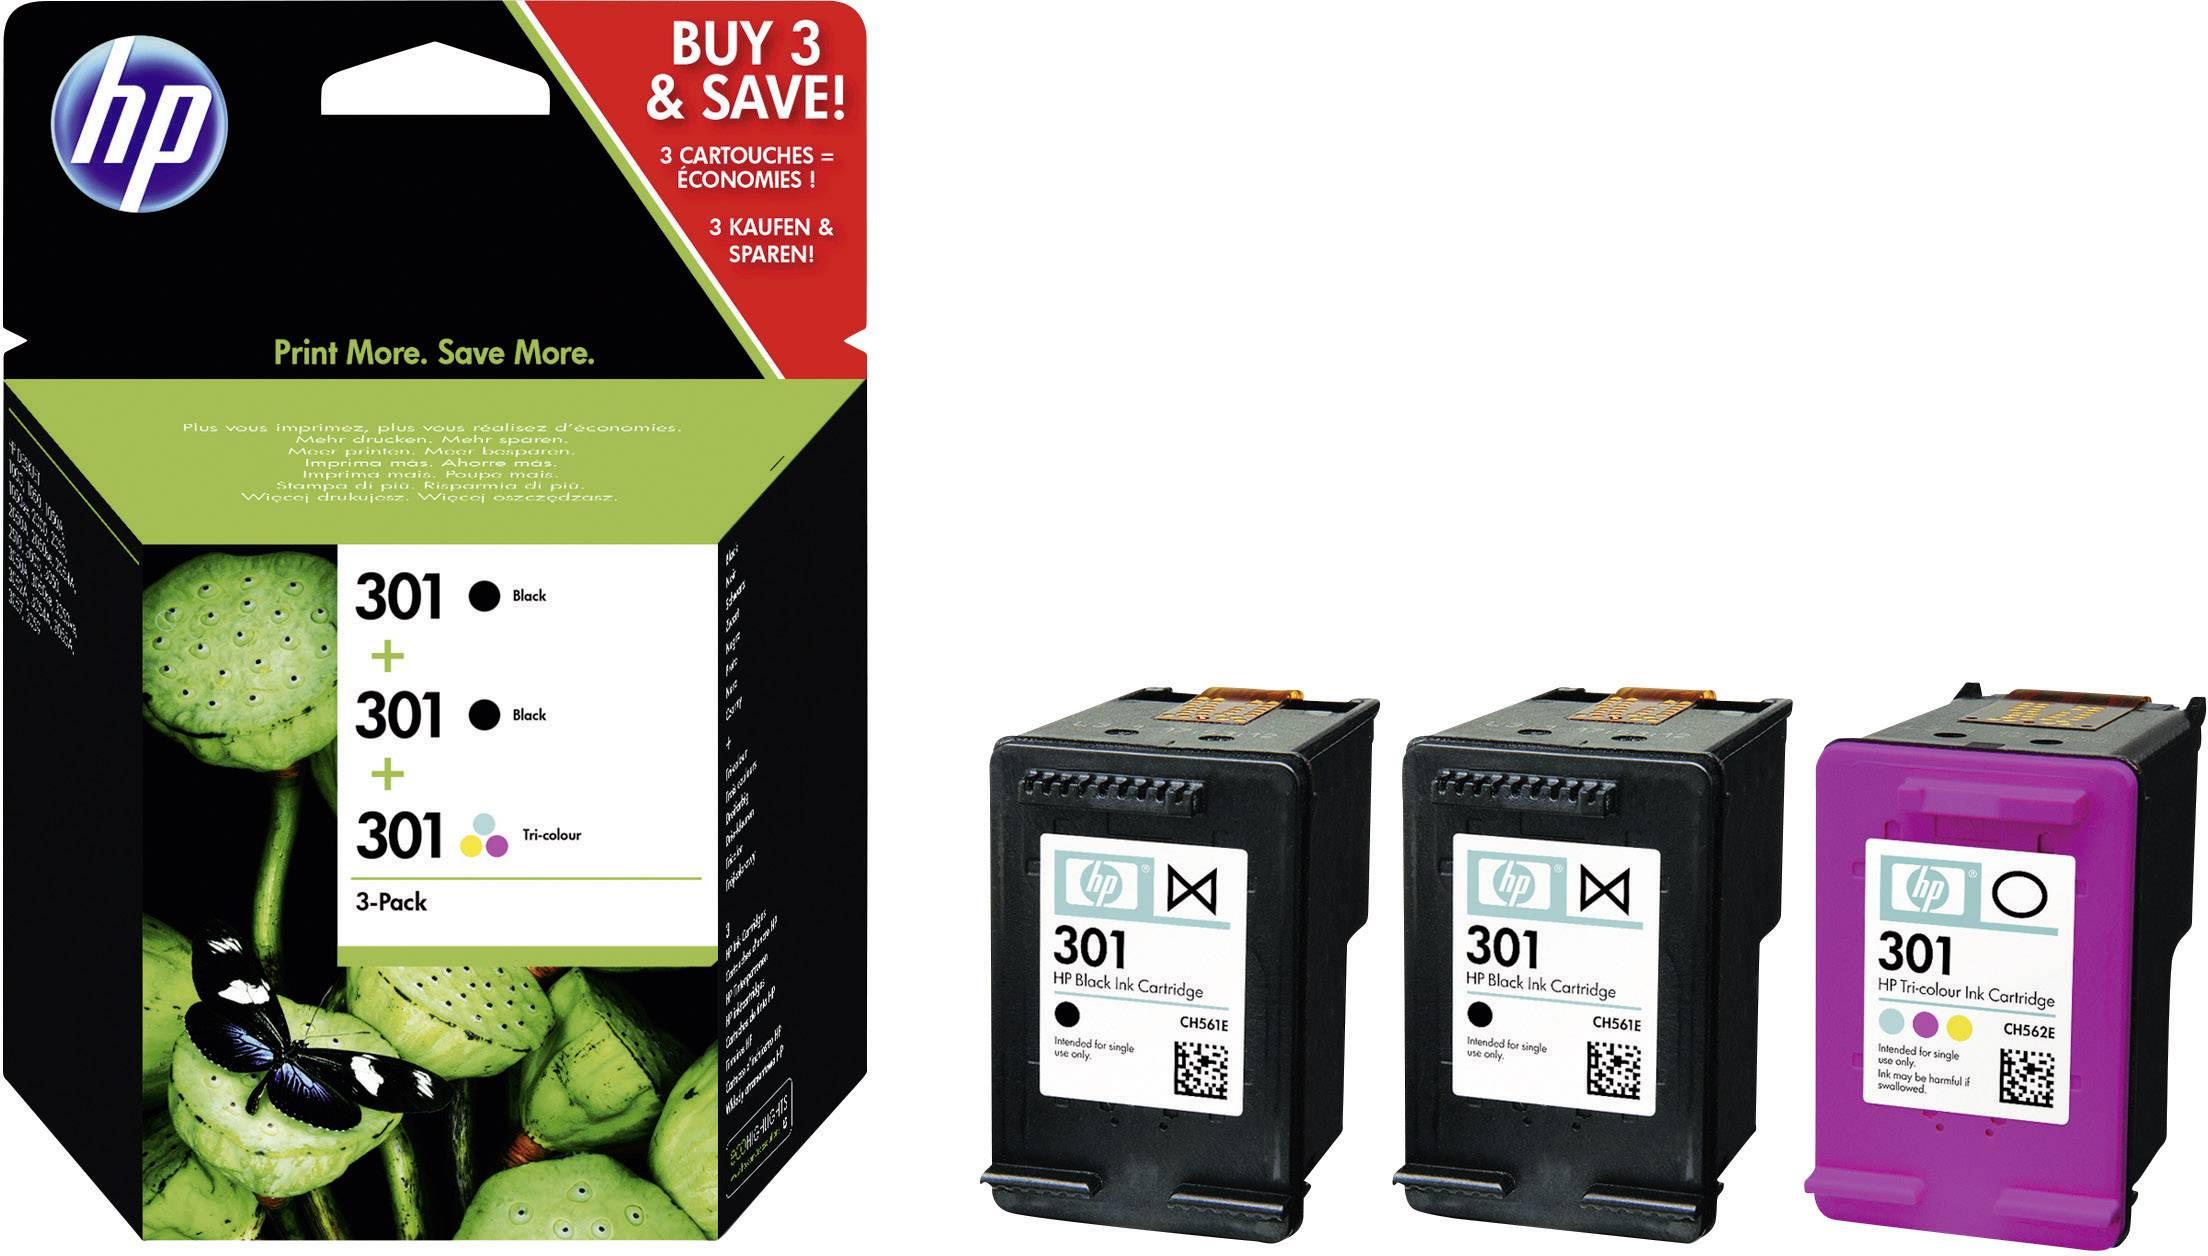 HP 301XL Ink Cartridge Black